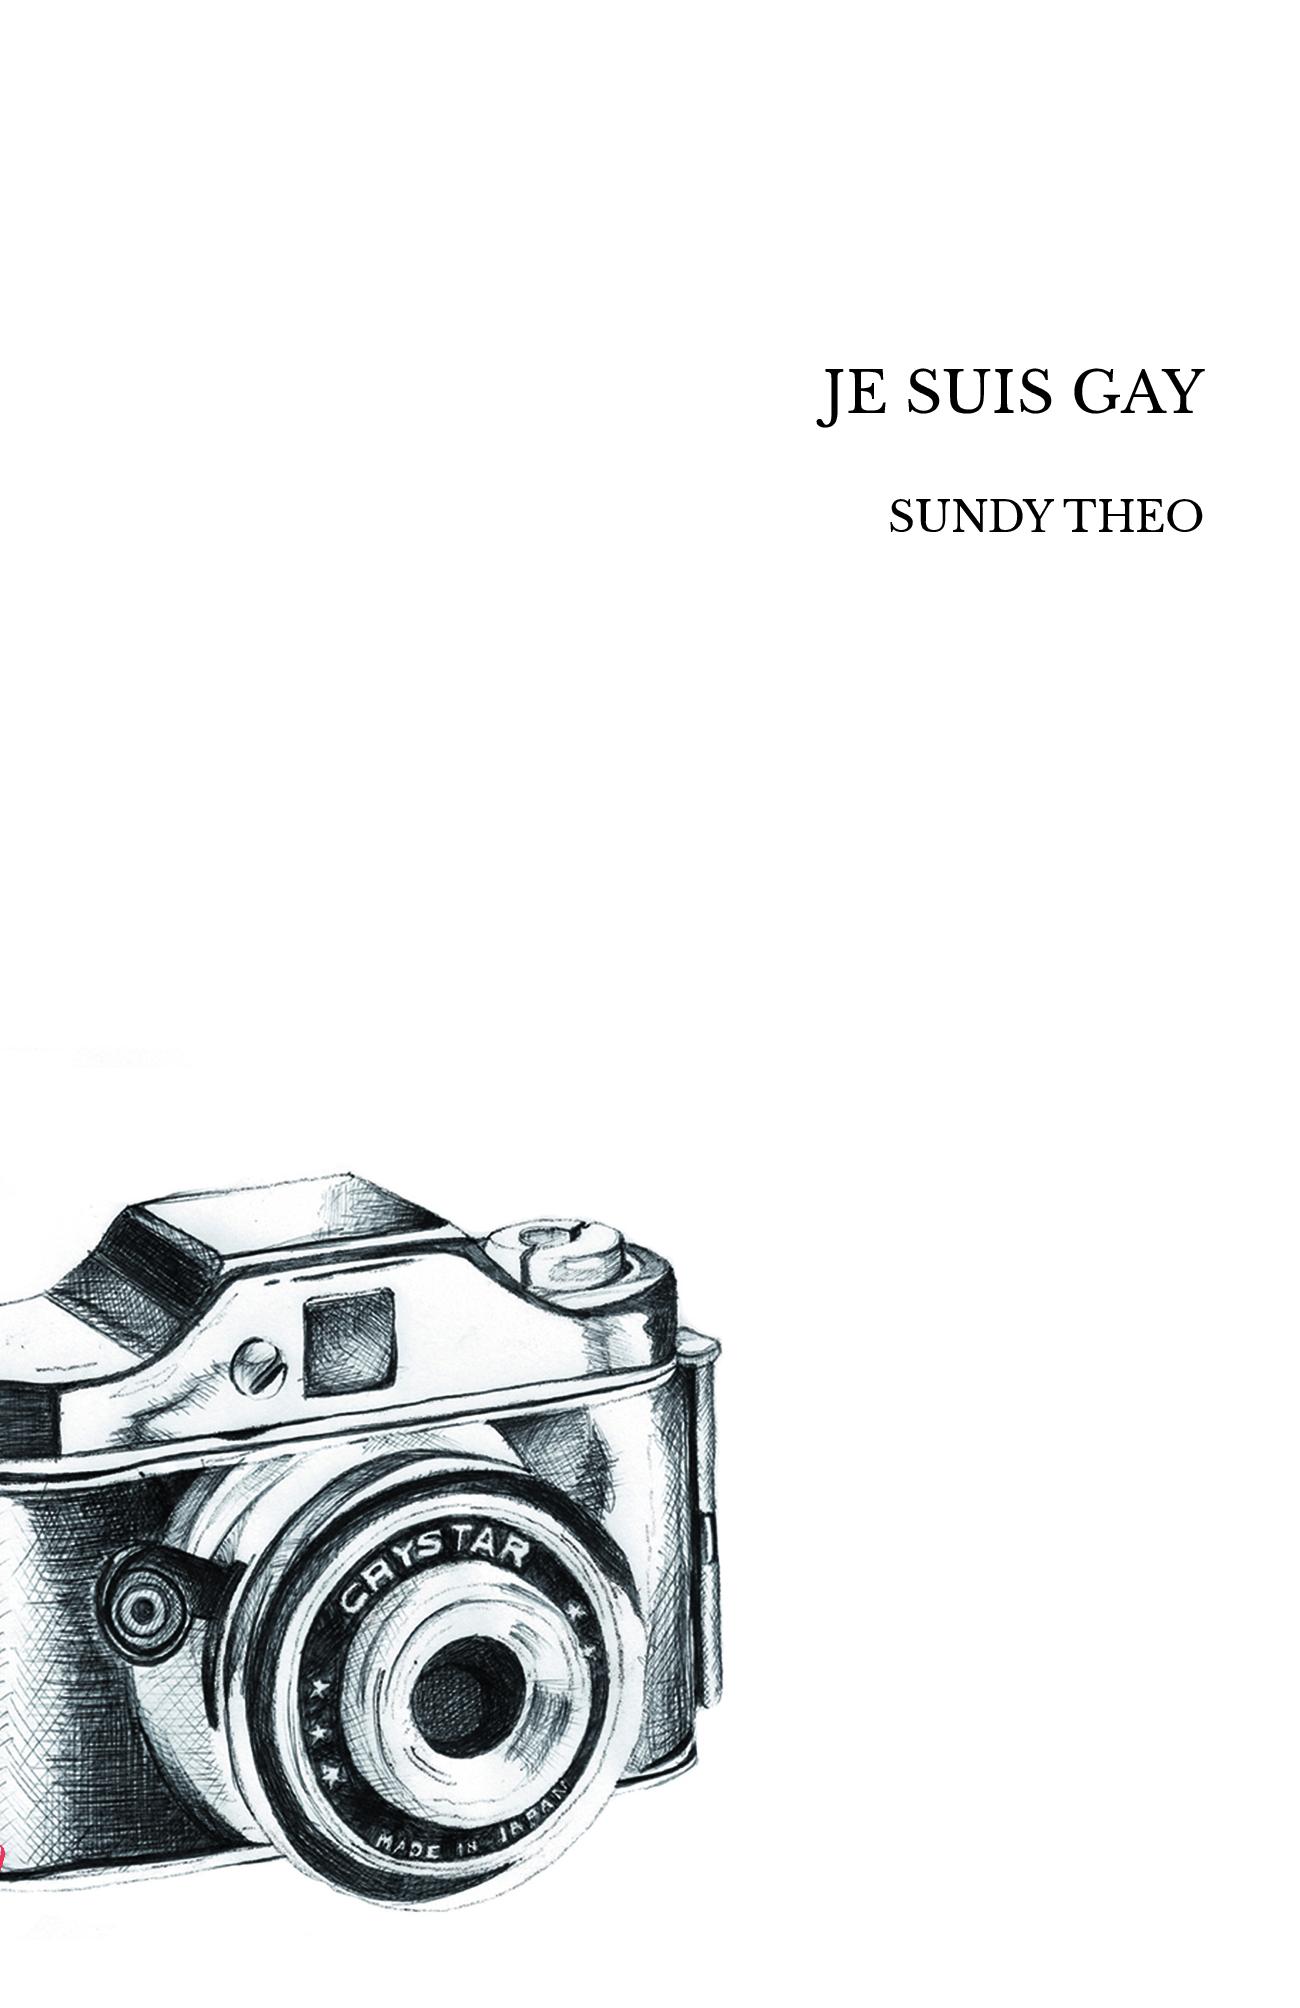 JE SUIS GAY